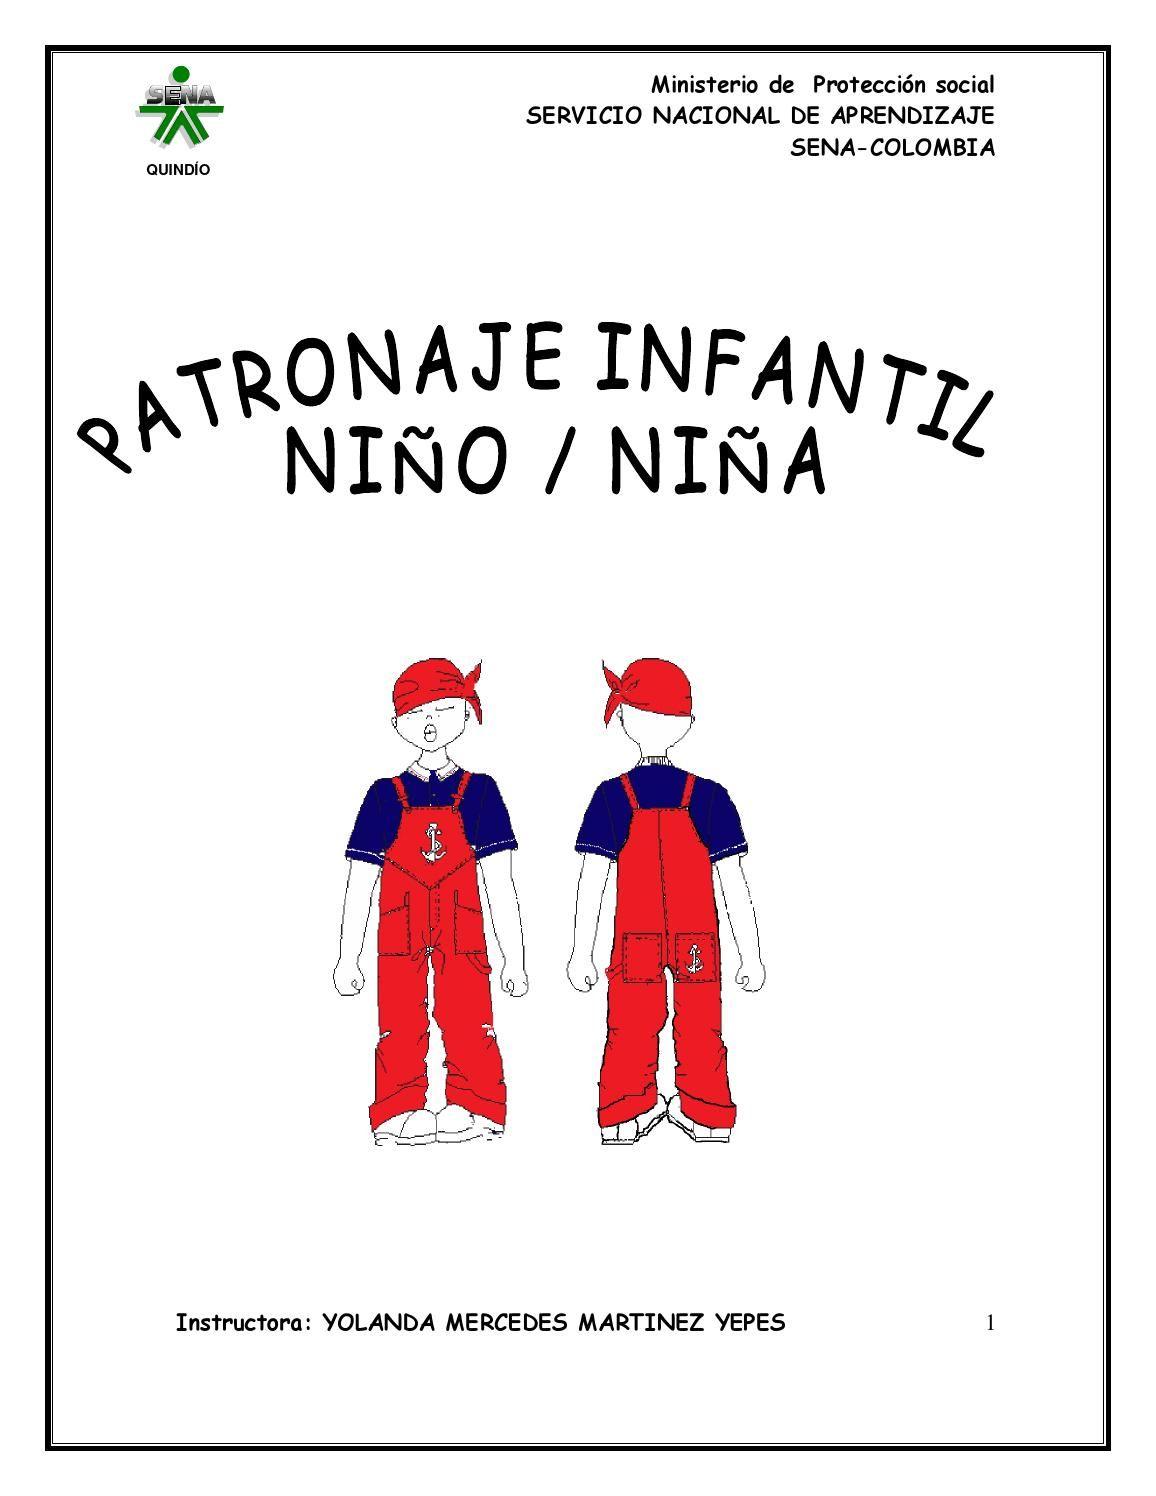 Curso patronaje infantil nino nina octubre 2011 patrones cotura ...